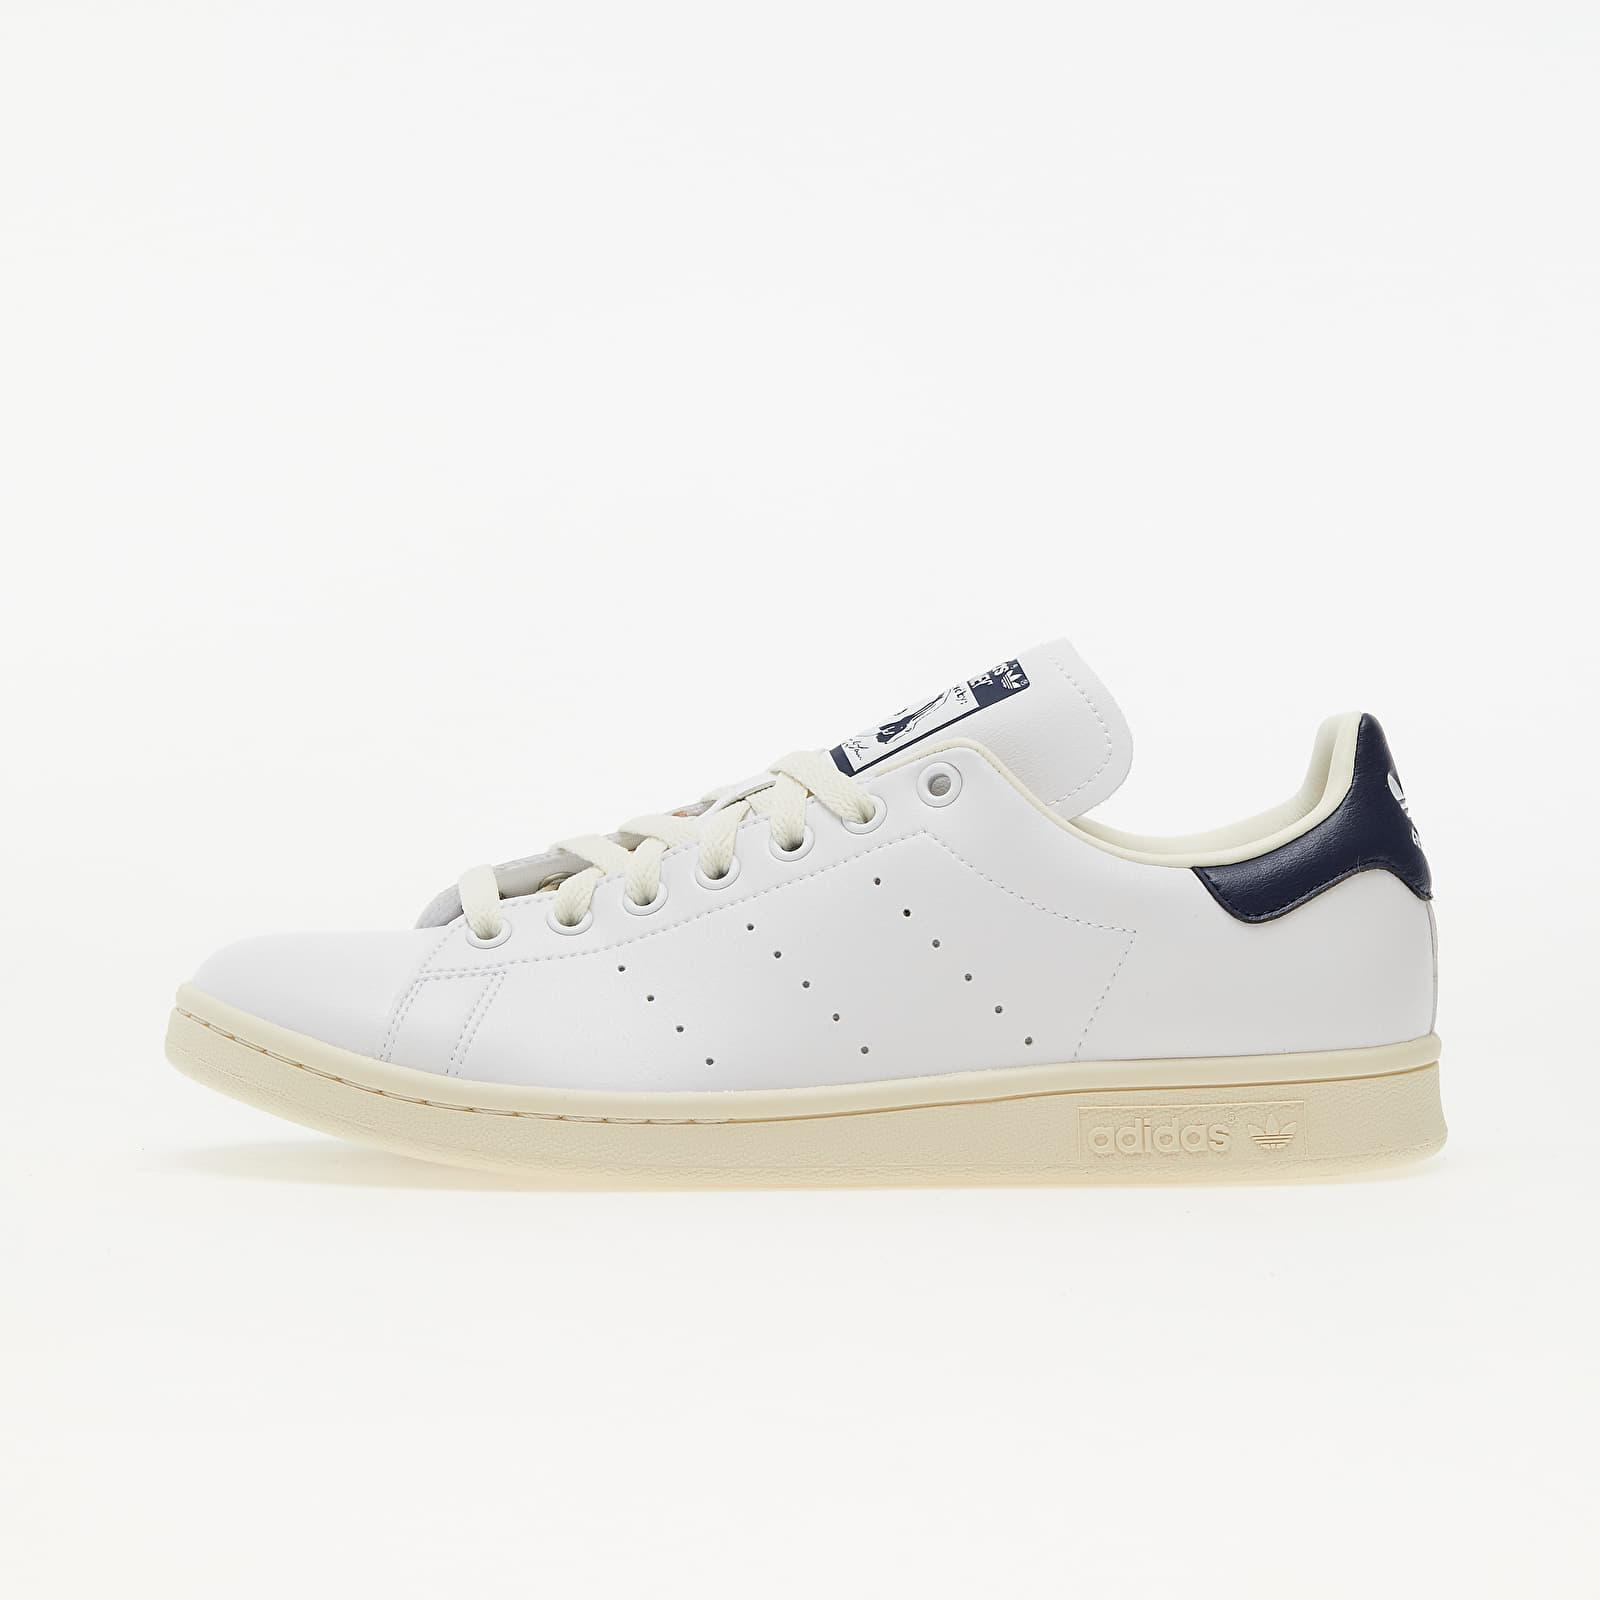 adidas Stan Smith Core White/ Ftw White/ Collegiate Navy FY1794